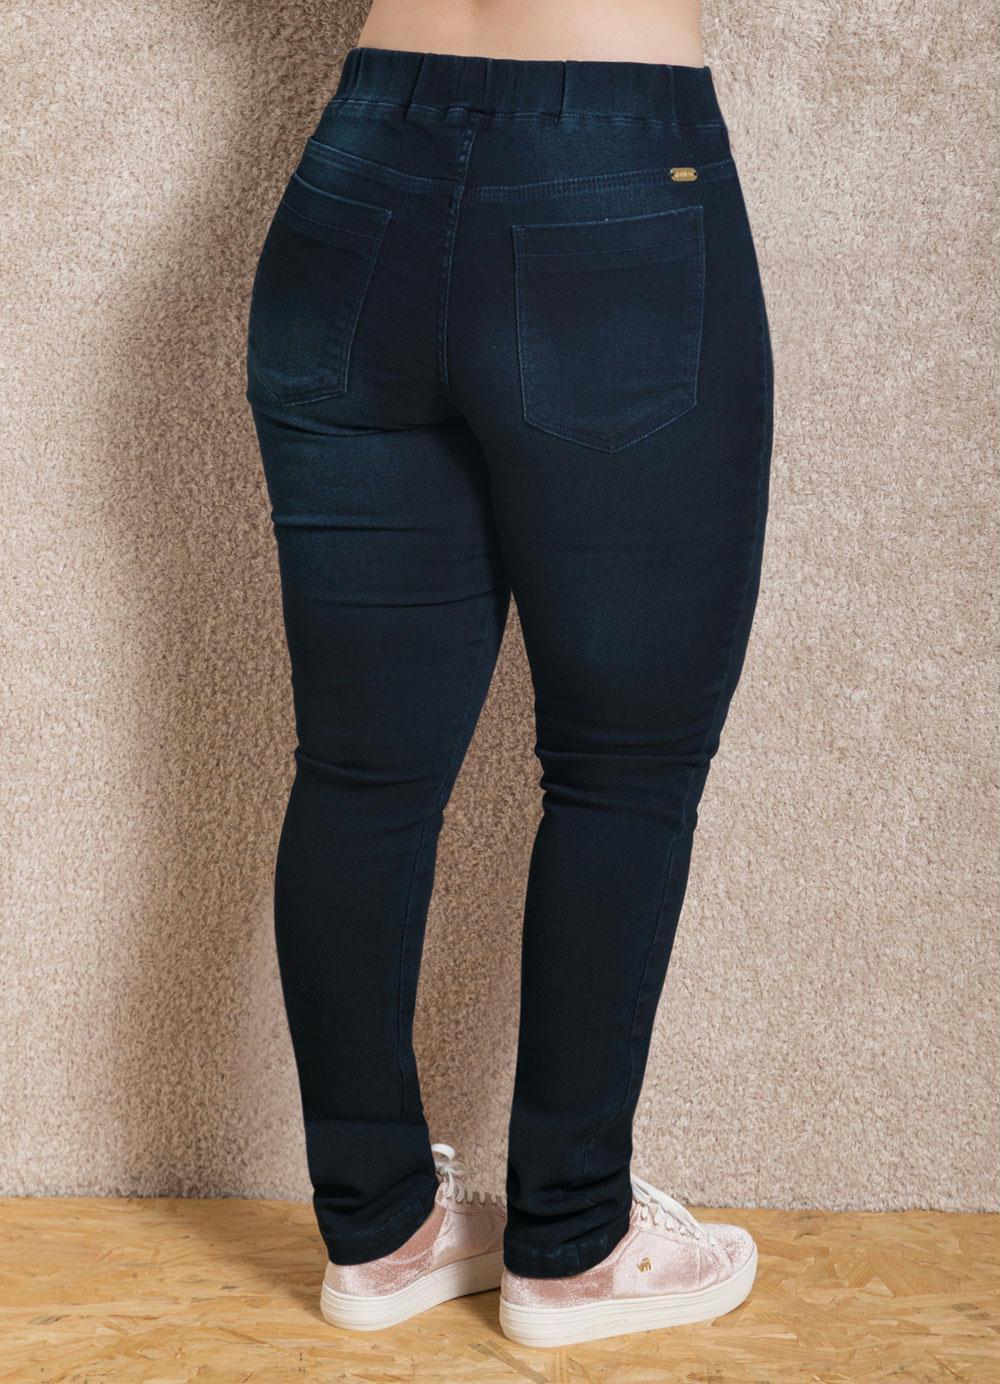 42a03434050a9 Calça Jeans Escuro Quintess Cintura Alta - Quintess